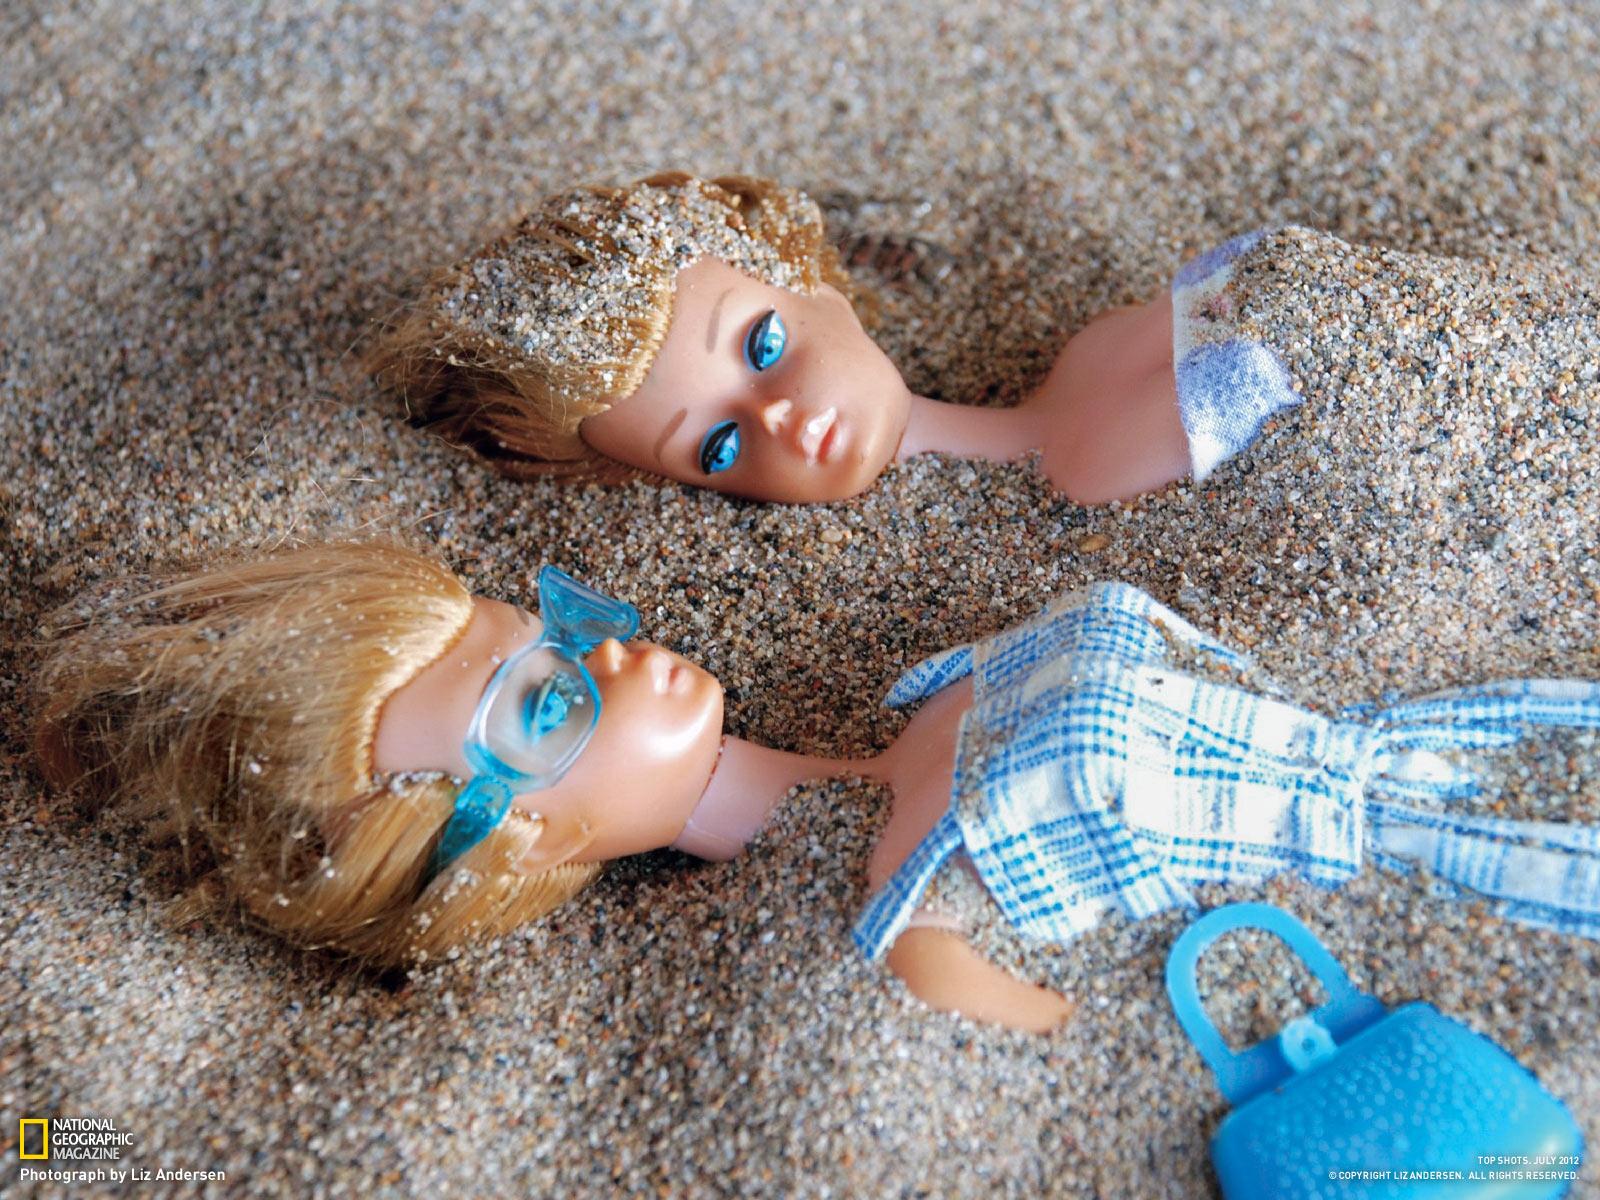 ビーチでくつろぐバービー人形たち ナショナルジオグラフィック日本